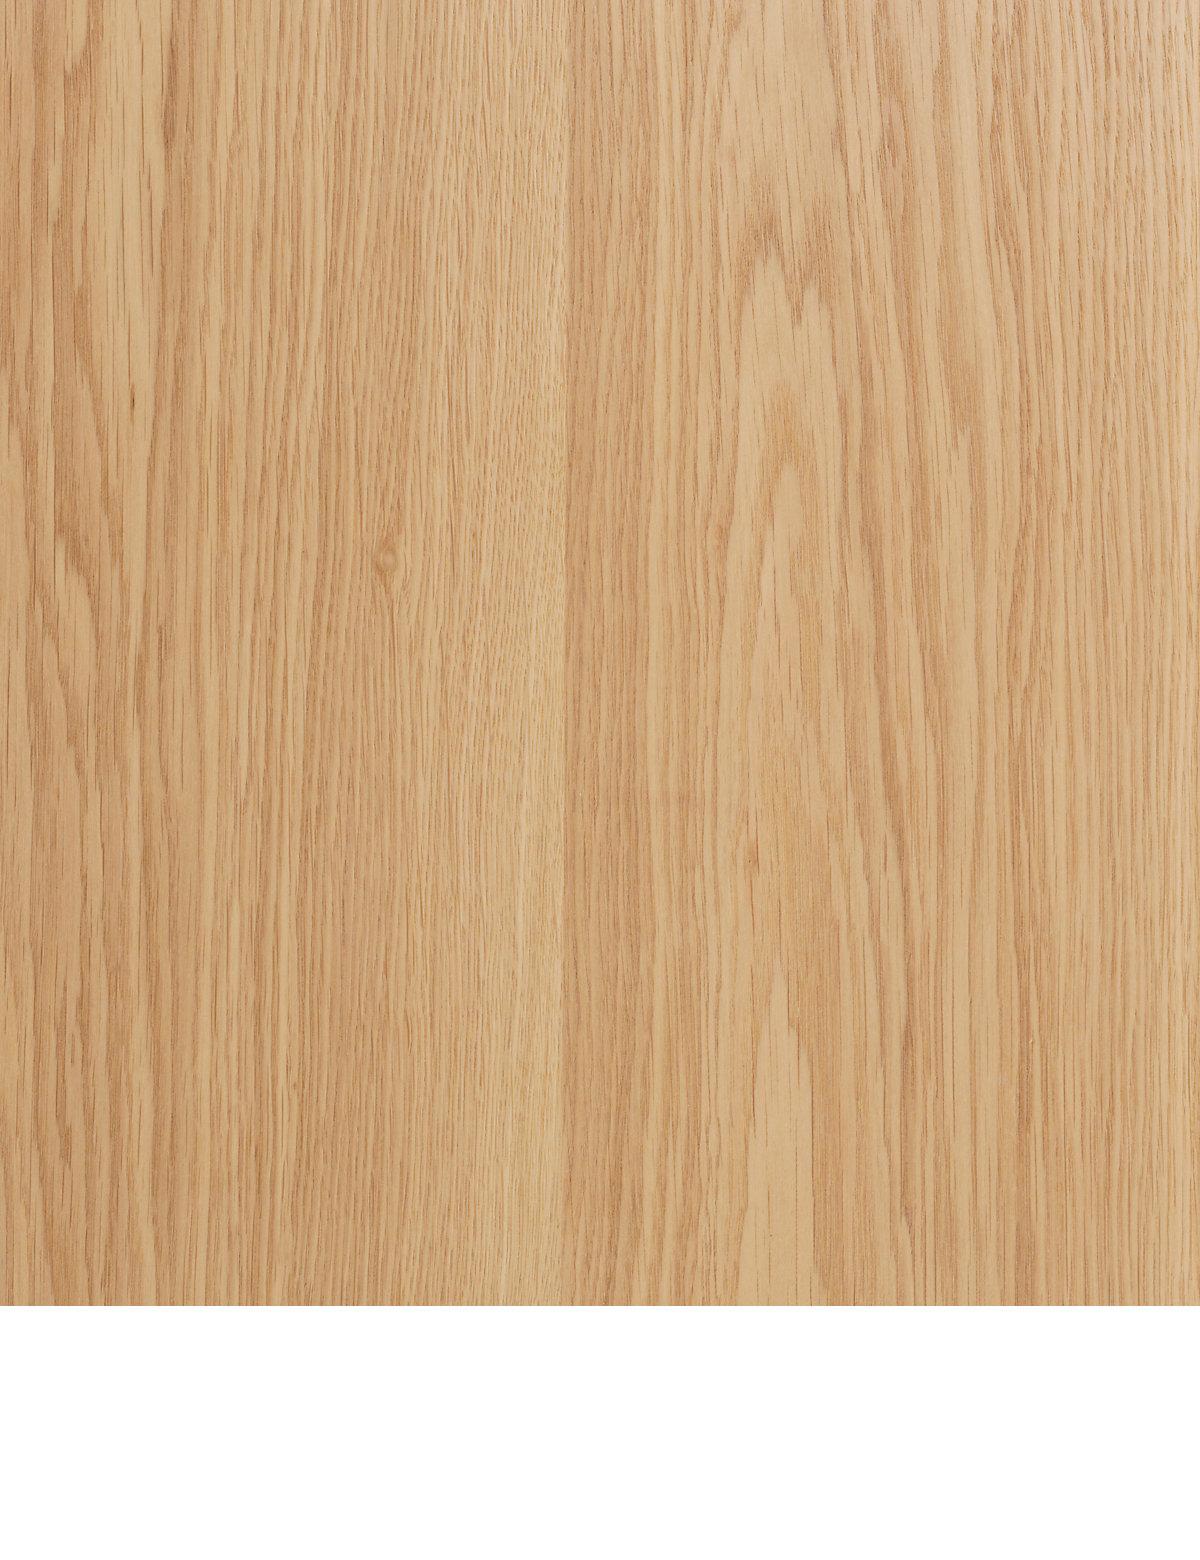 Natural Veneered Wooden Flush Door Design Mdf Living Room: Whiteline Modern Living SB1213-WHT Montgomery Flat Drawers